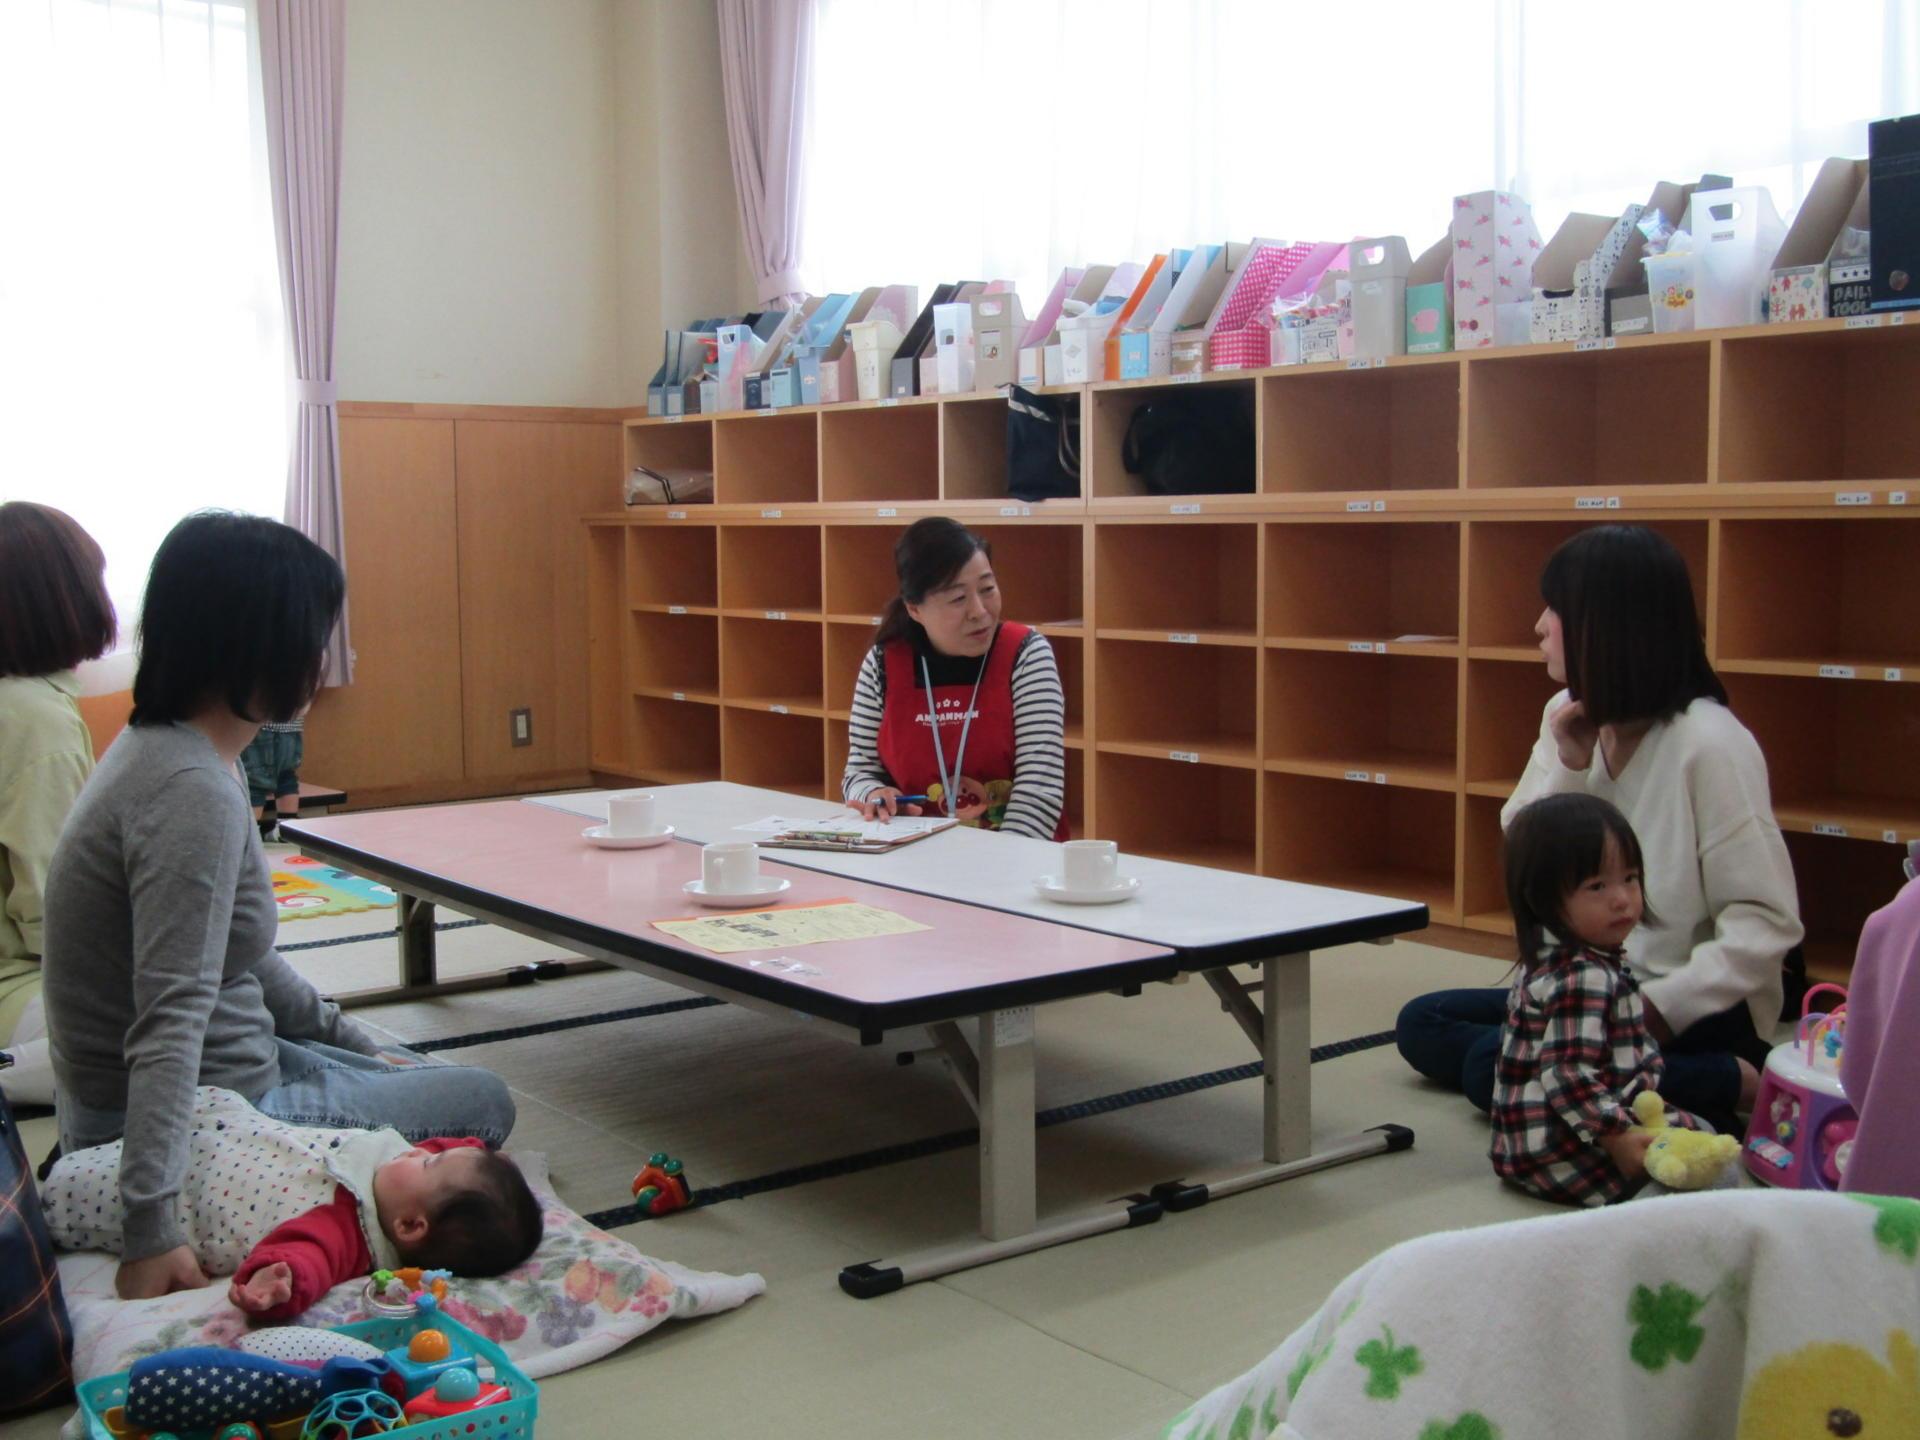 ichinazaka_p1920_167a